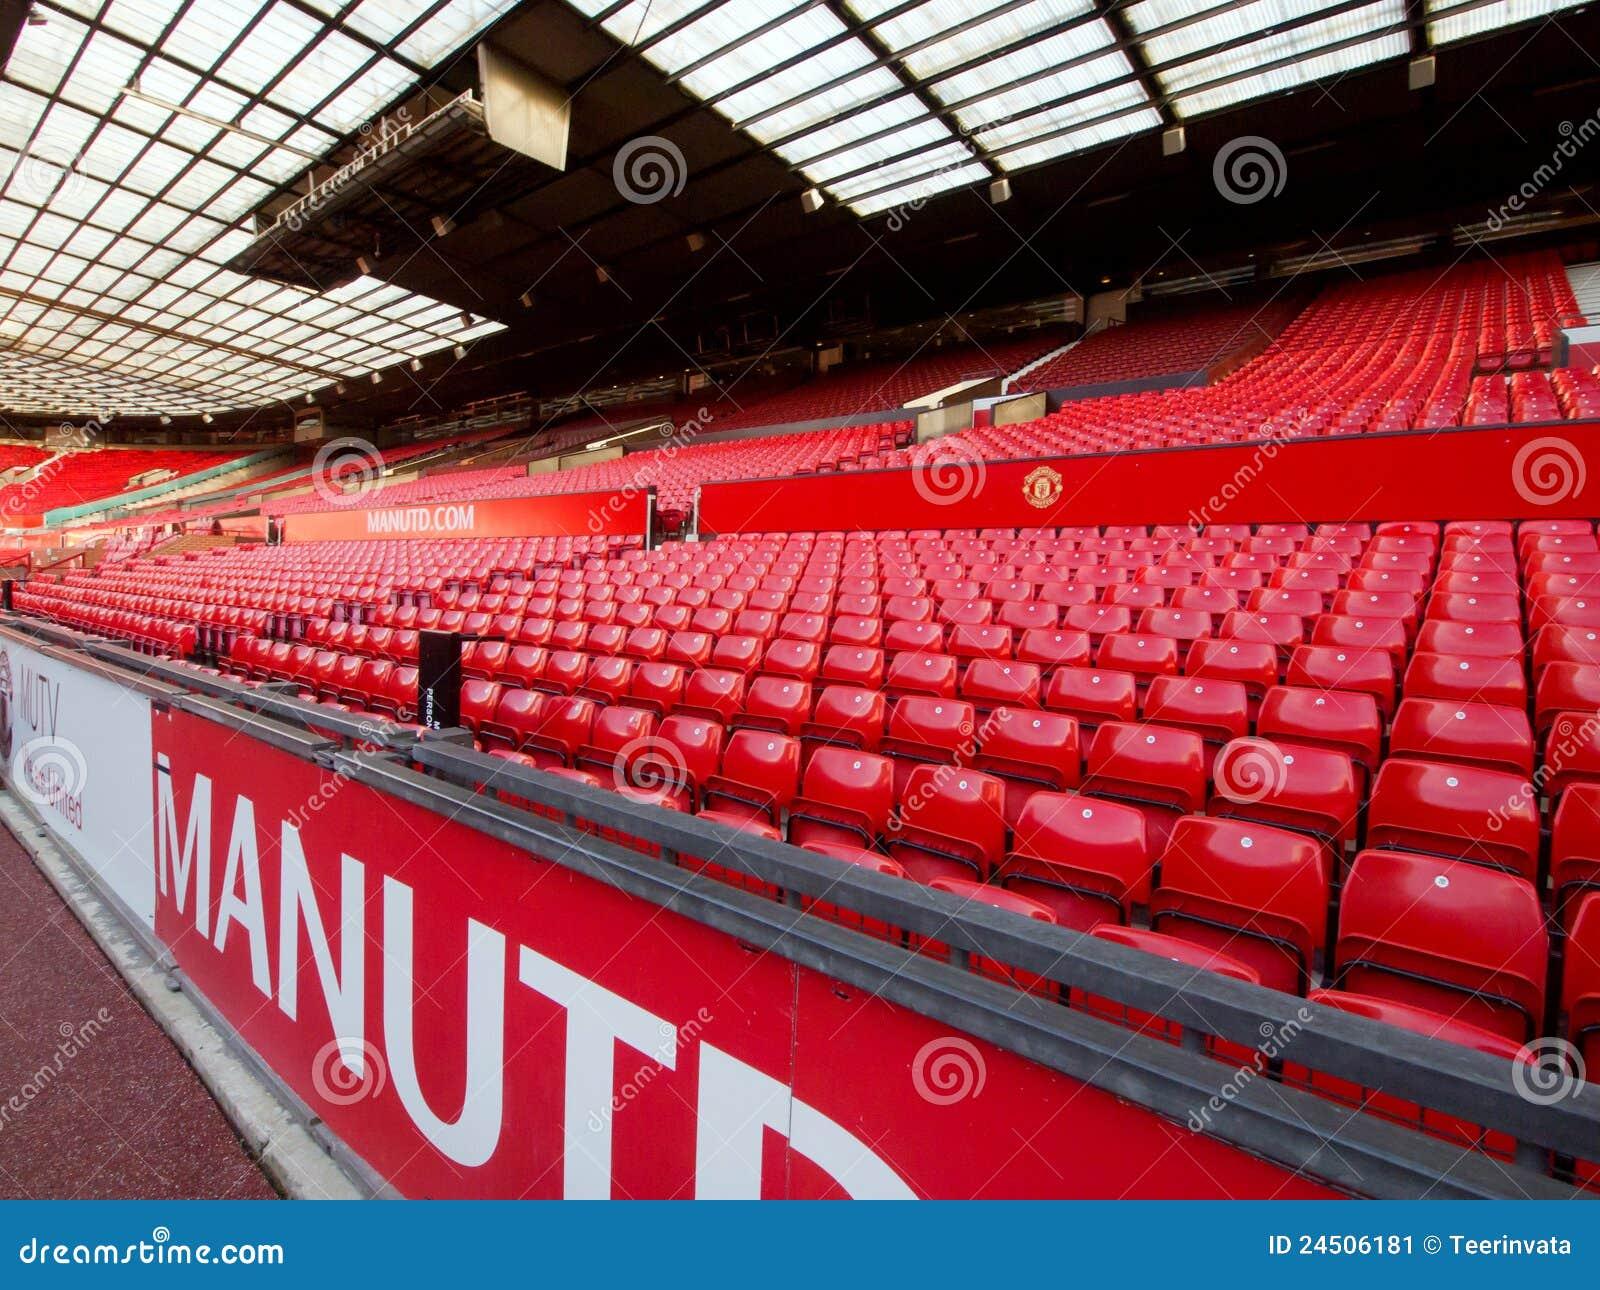 Appariez non le jour au stand occidental de Manchester United